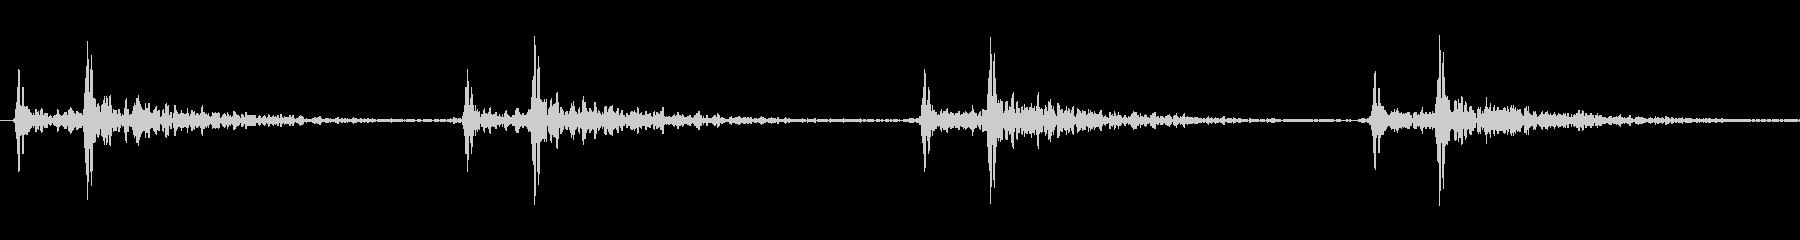 ゆっくりとした心臓の音の未再生の波形